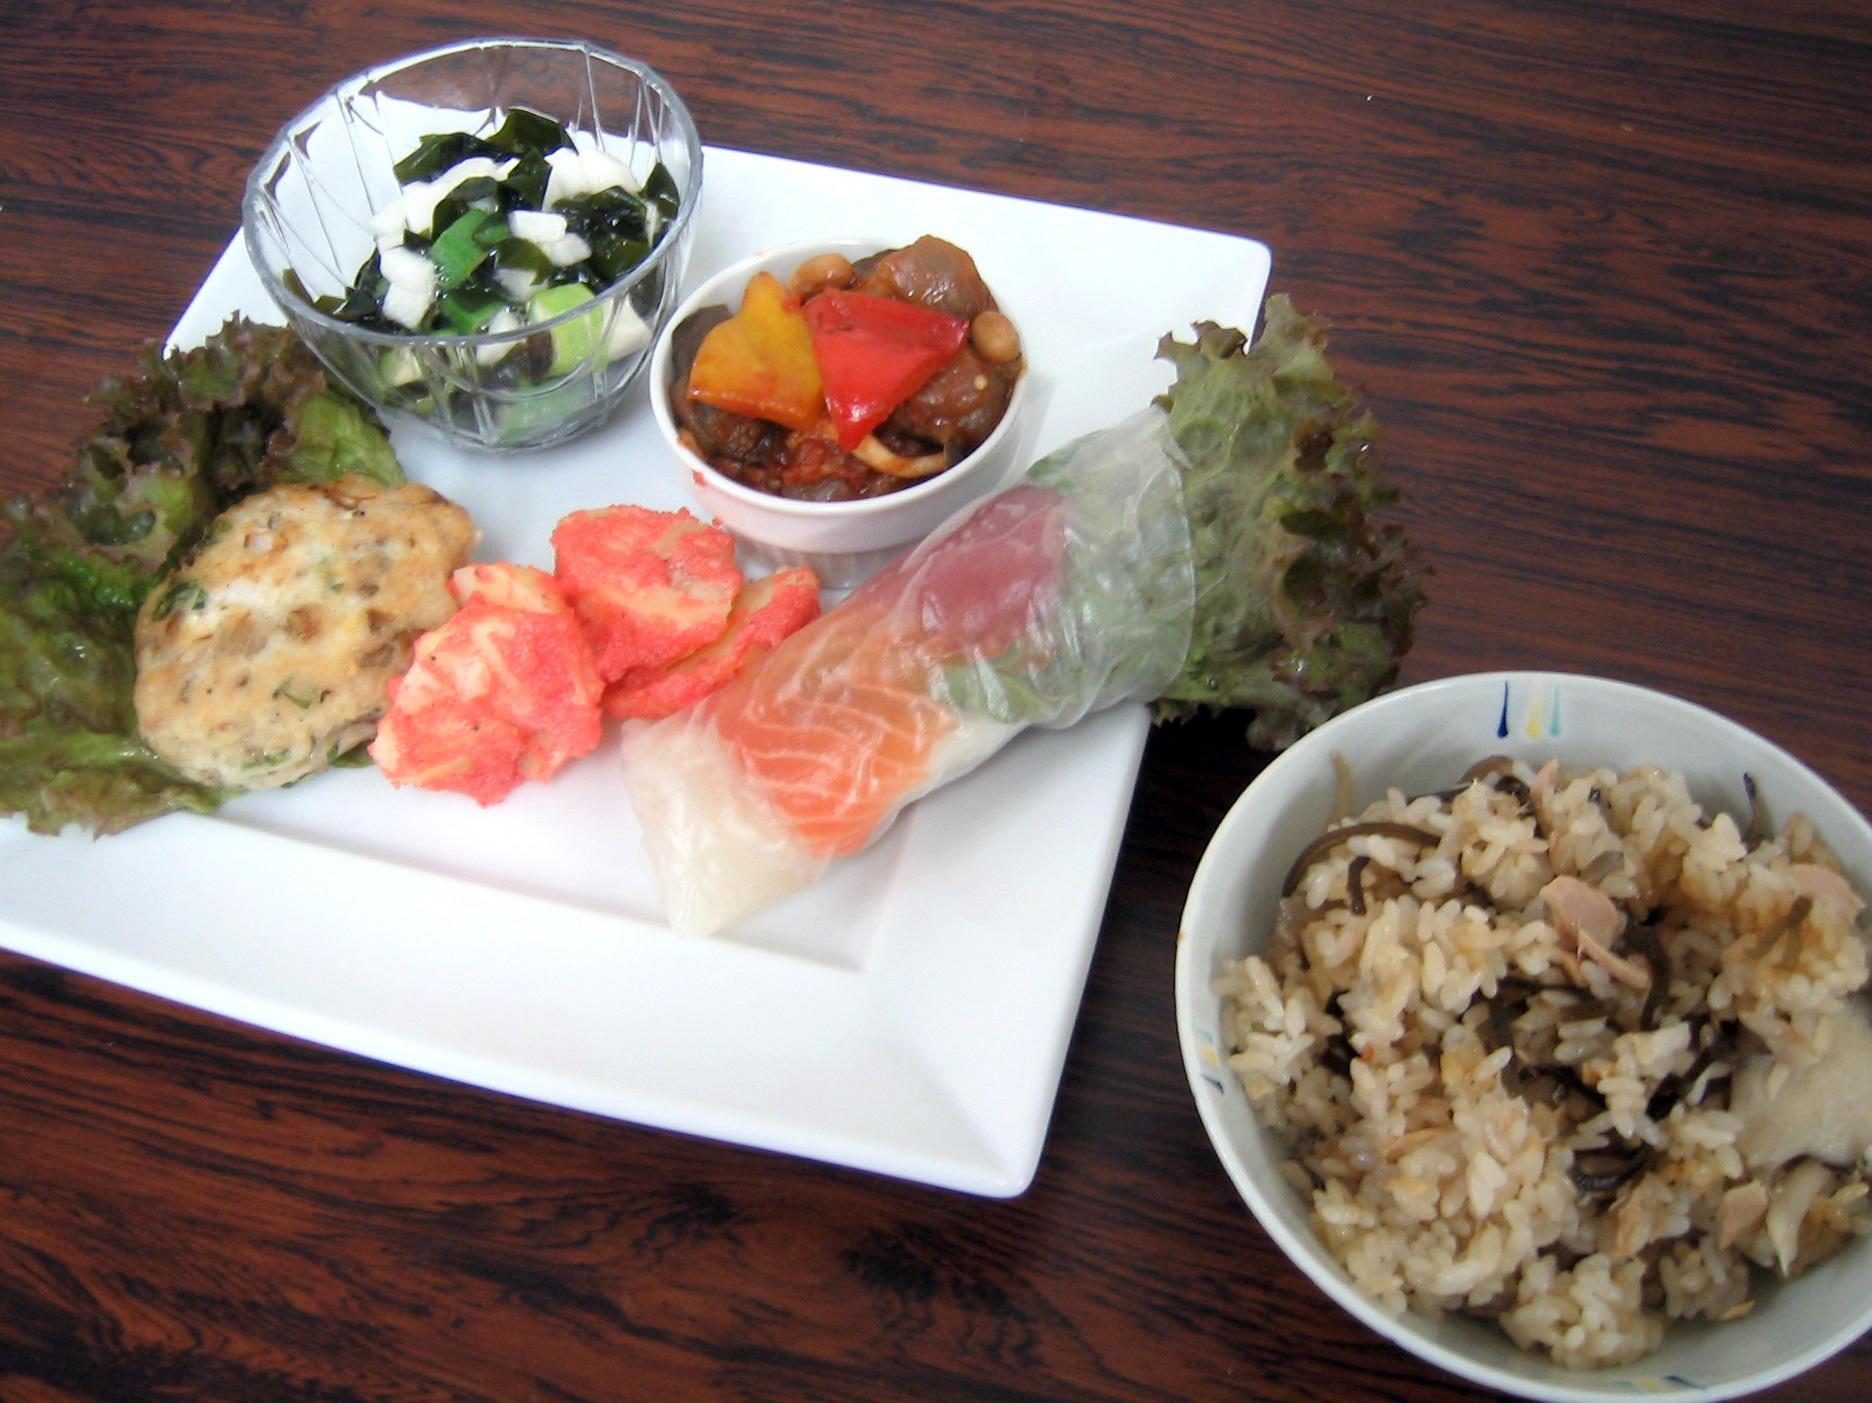 ツナと昆布の炊きこみご飯